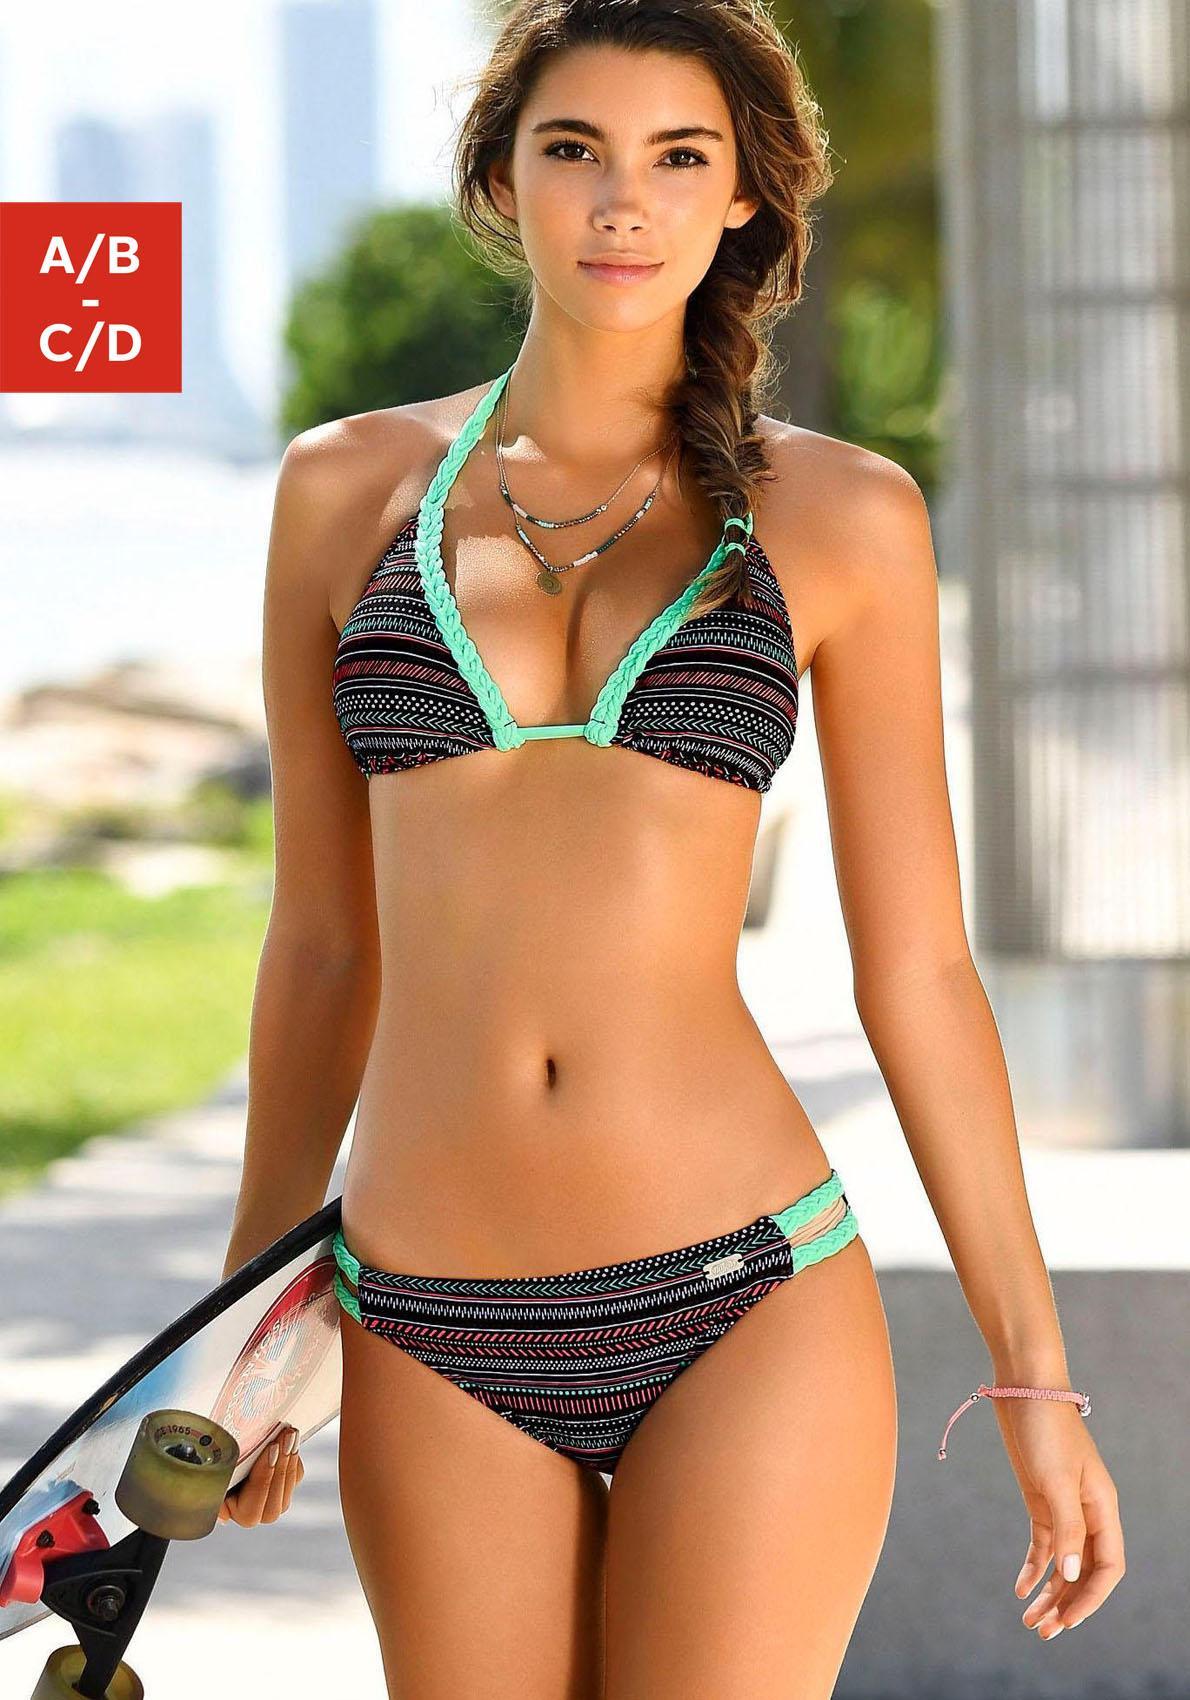 Buffalo Triangel-Bikini mit geflochtenem Detail in Kontrastfarbe